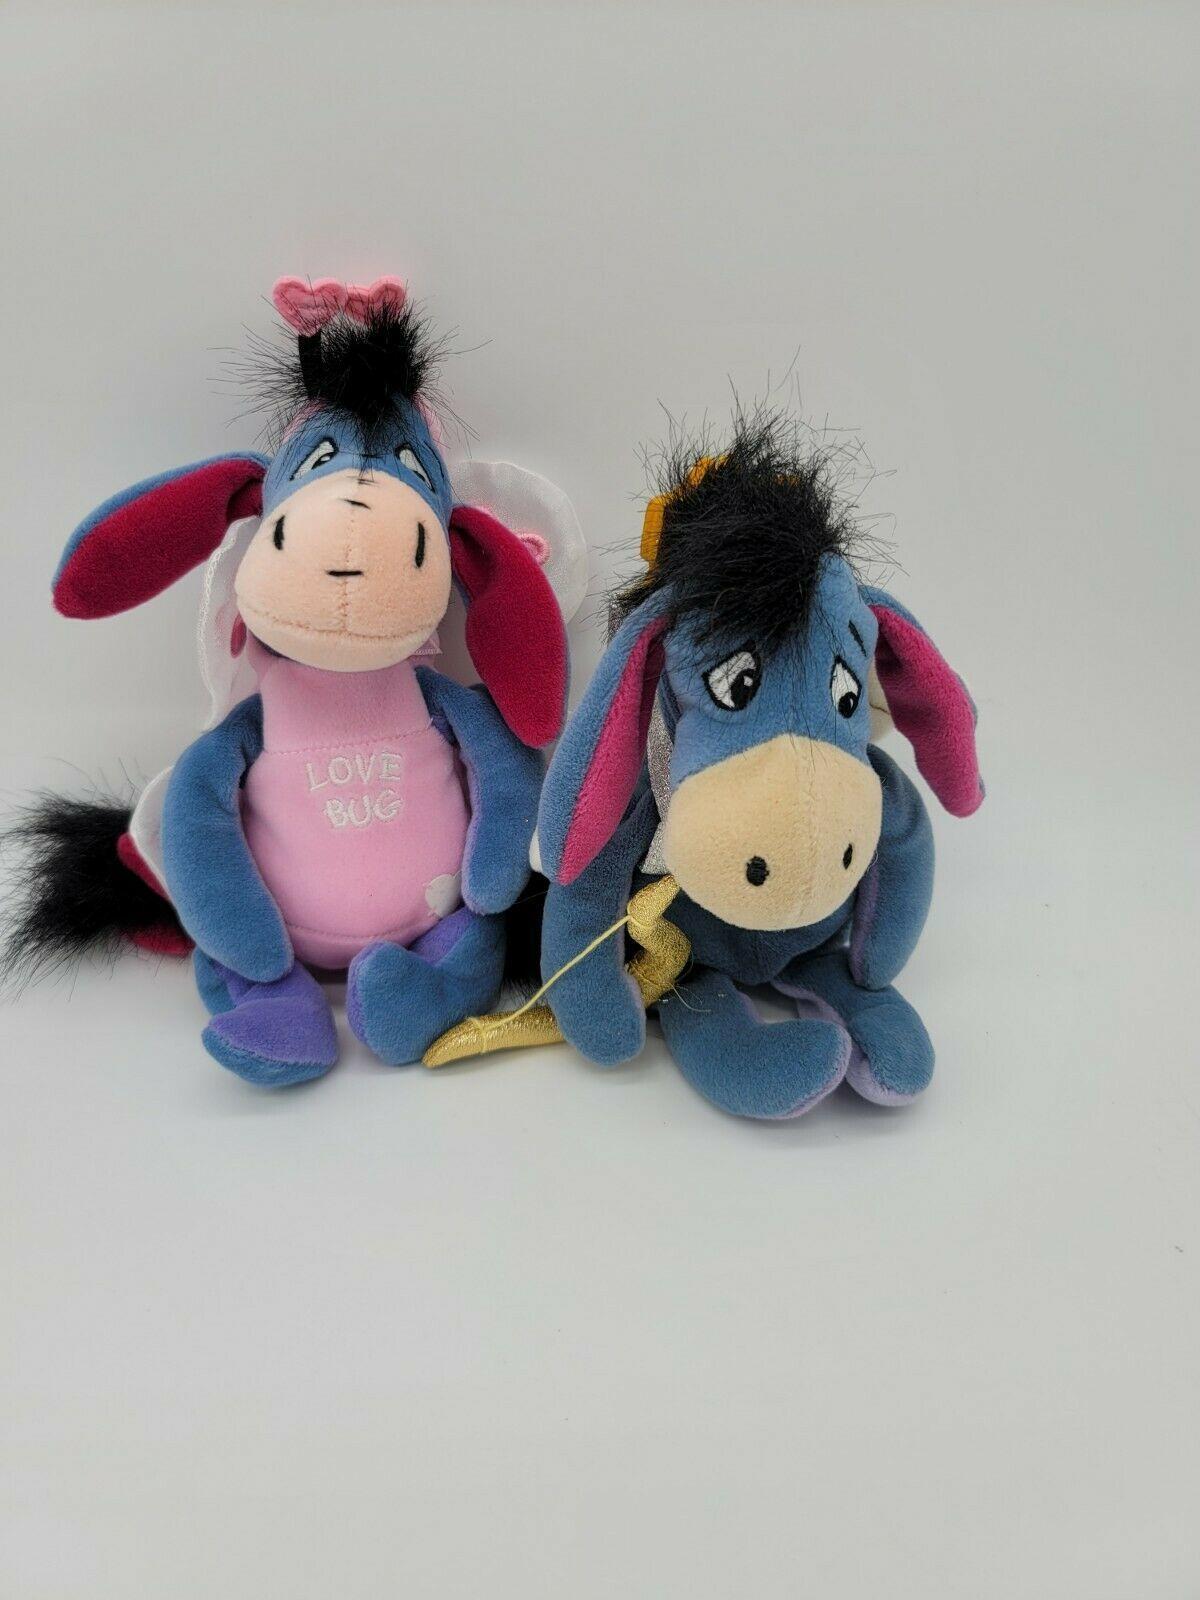 """Disney Beanie Baby Cupid Eeyore Lovebug Eeyore Valentine Plush 9""""  Disney Store - $12.99"""